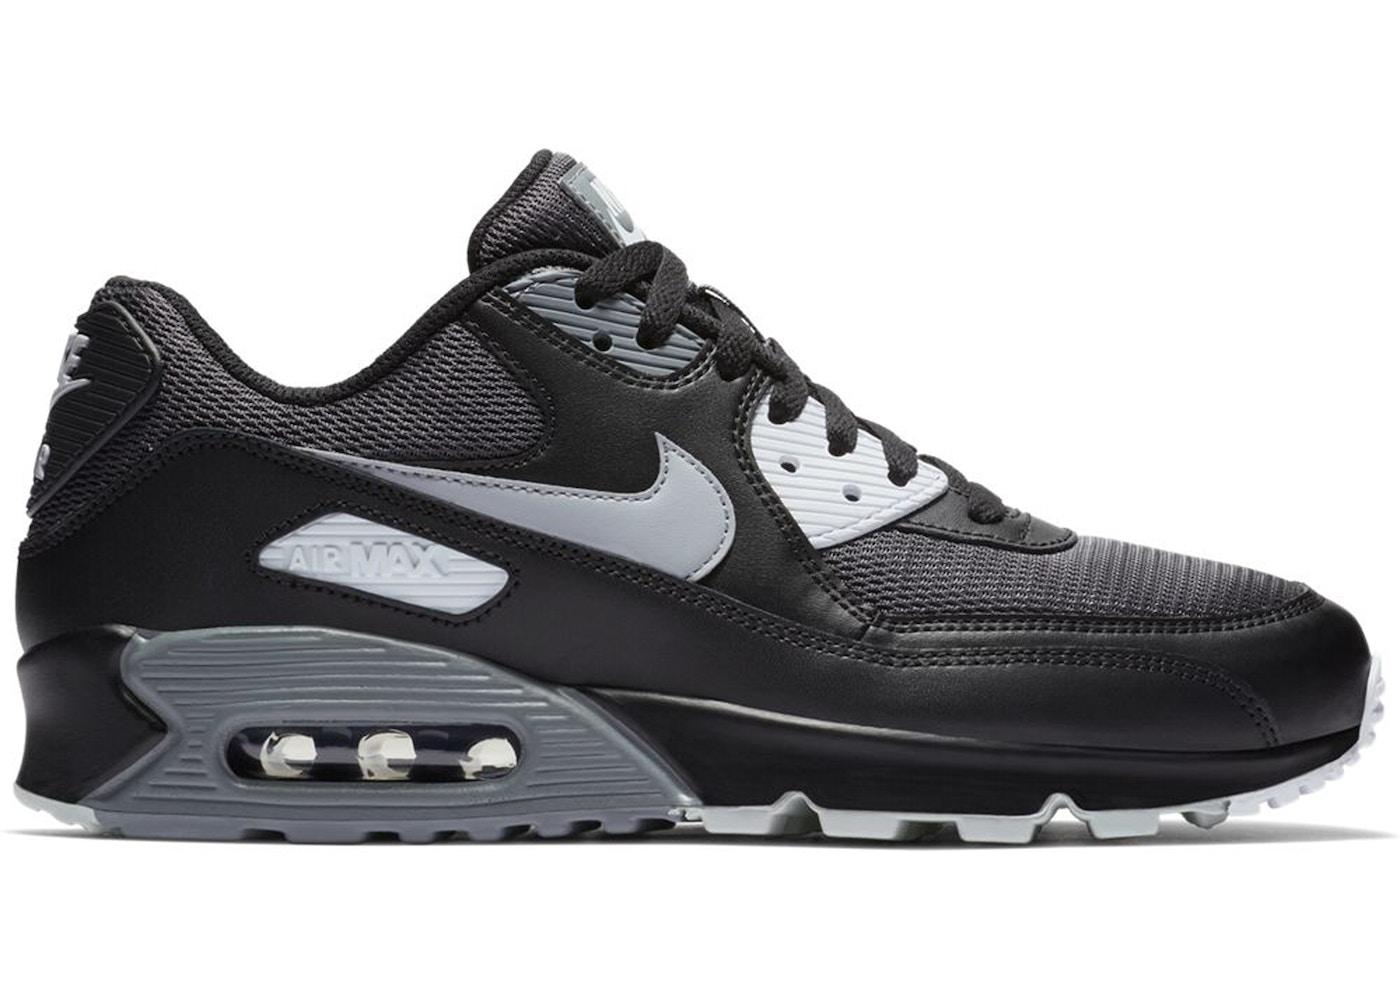 Nike Air Max 90 Black Wolf Grey Dark Grey